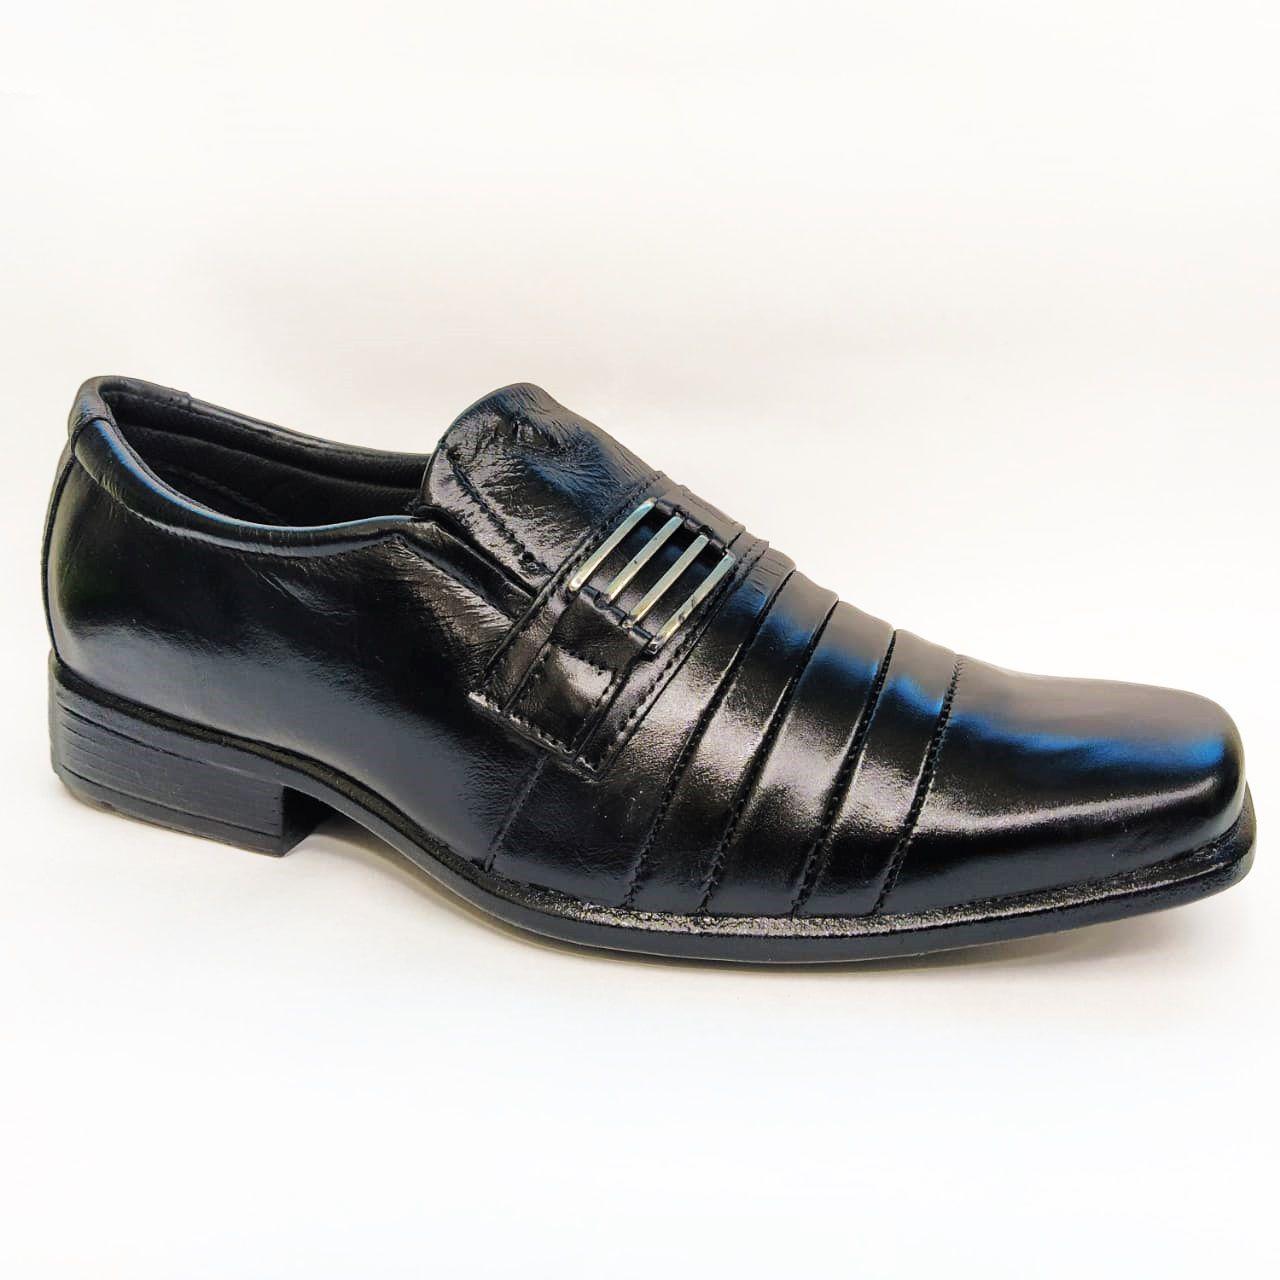 Sapato social em couro Diartele 4115 - Preto